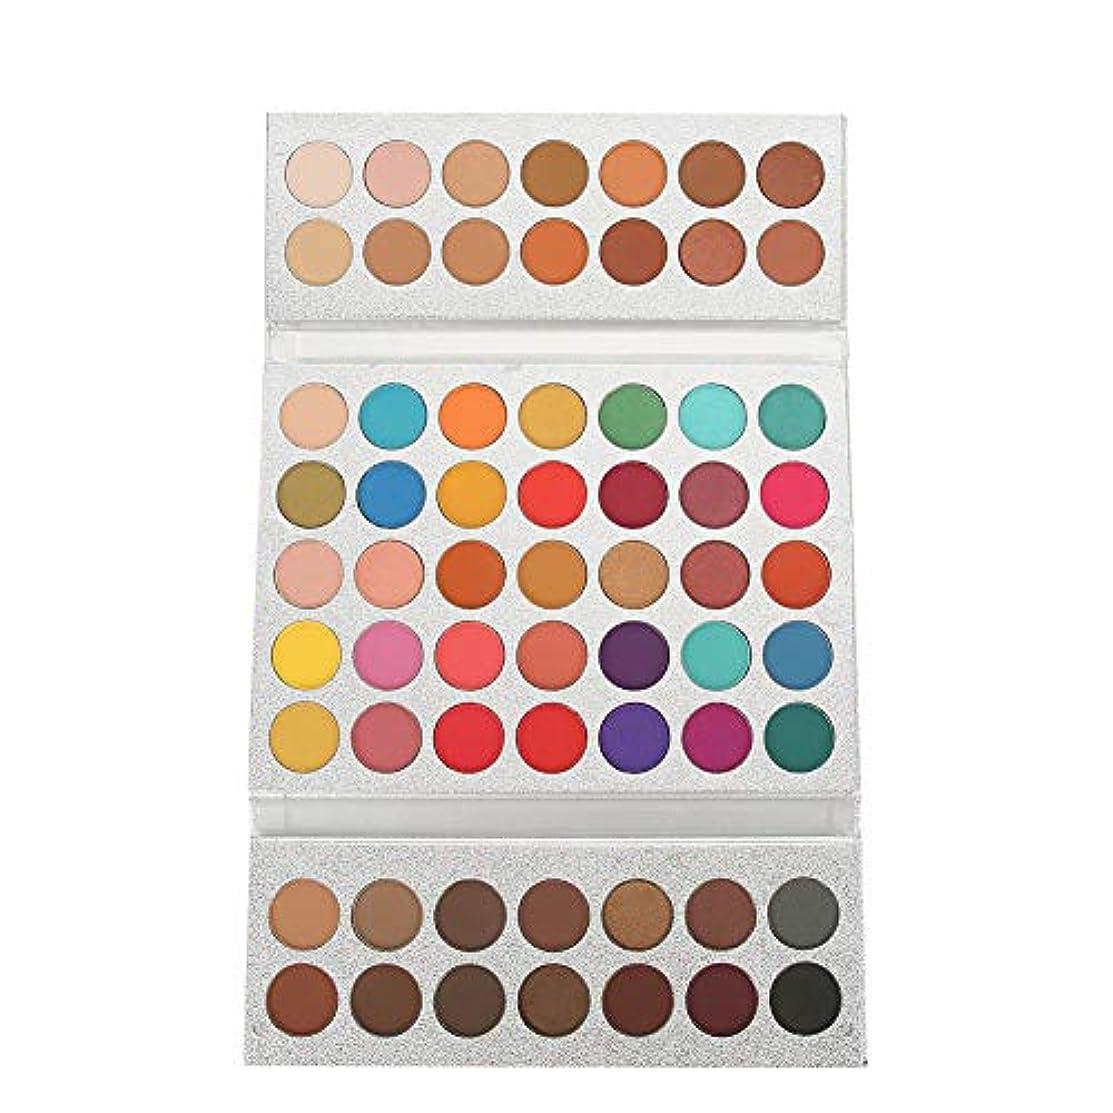 十分なフリンジ団結するアイシャドウ パレット 63色 美容真珠光沢 マットアイ 化粧品 メイクアップパレット